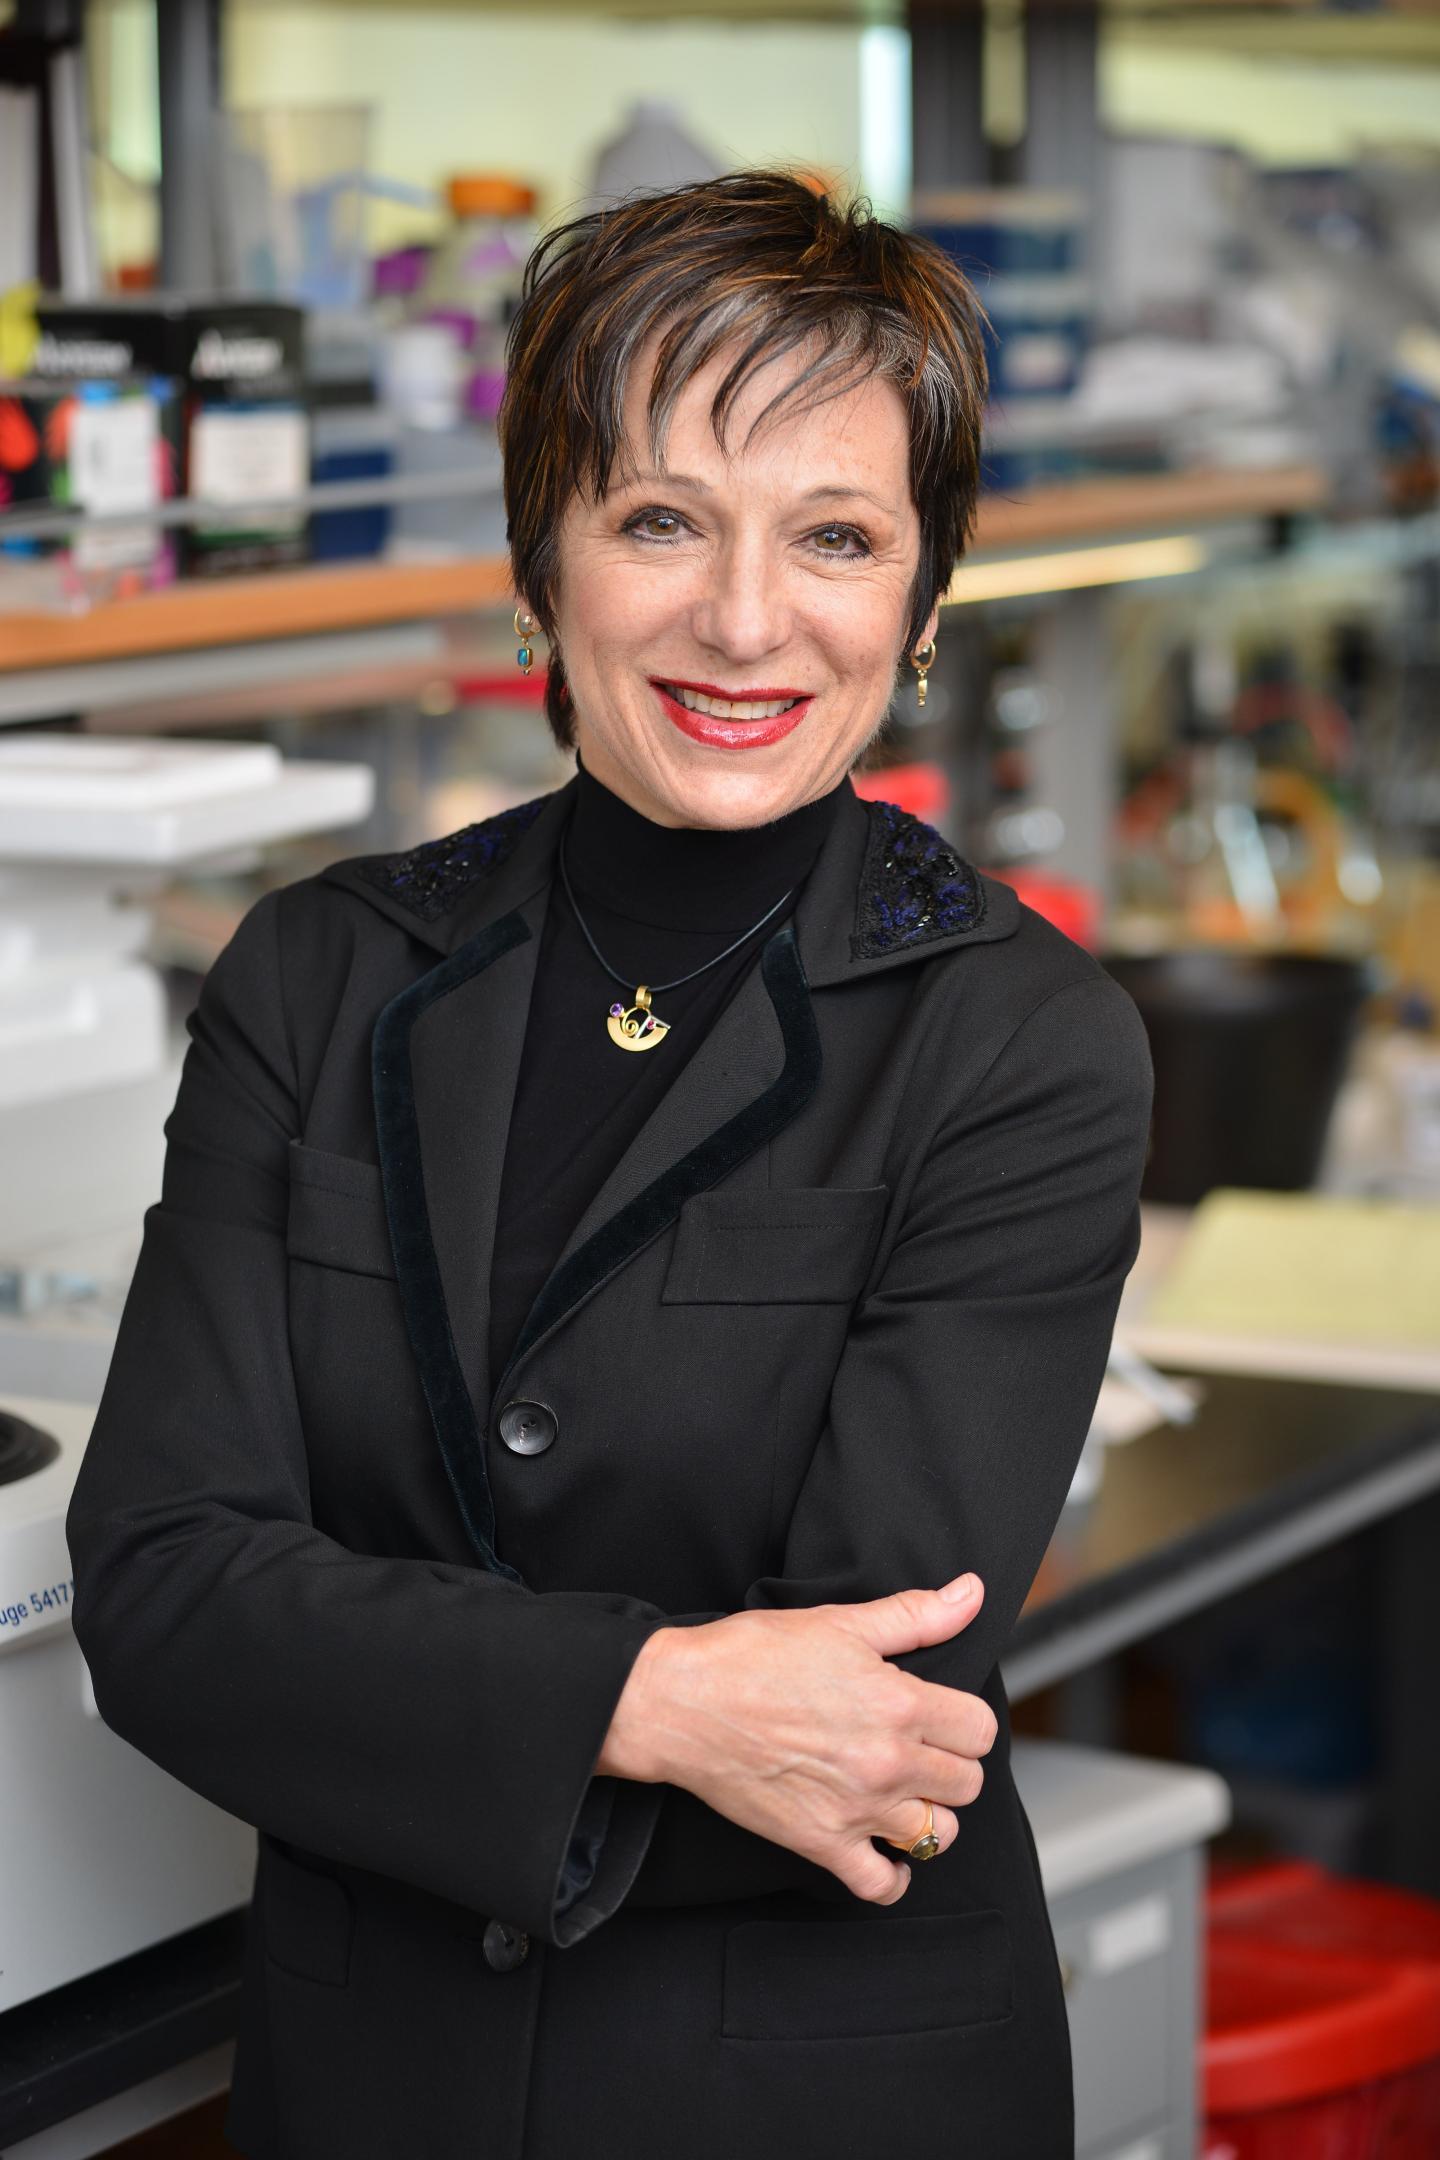 Sheila Collins, Sanford-Burnham Prebys Medical Discovery Institute